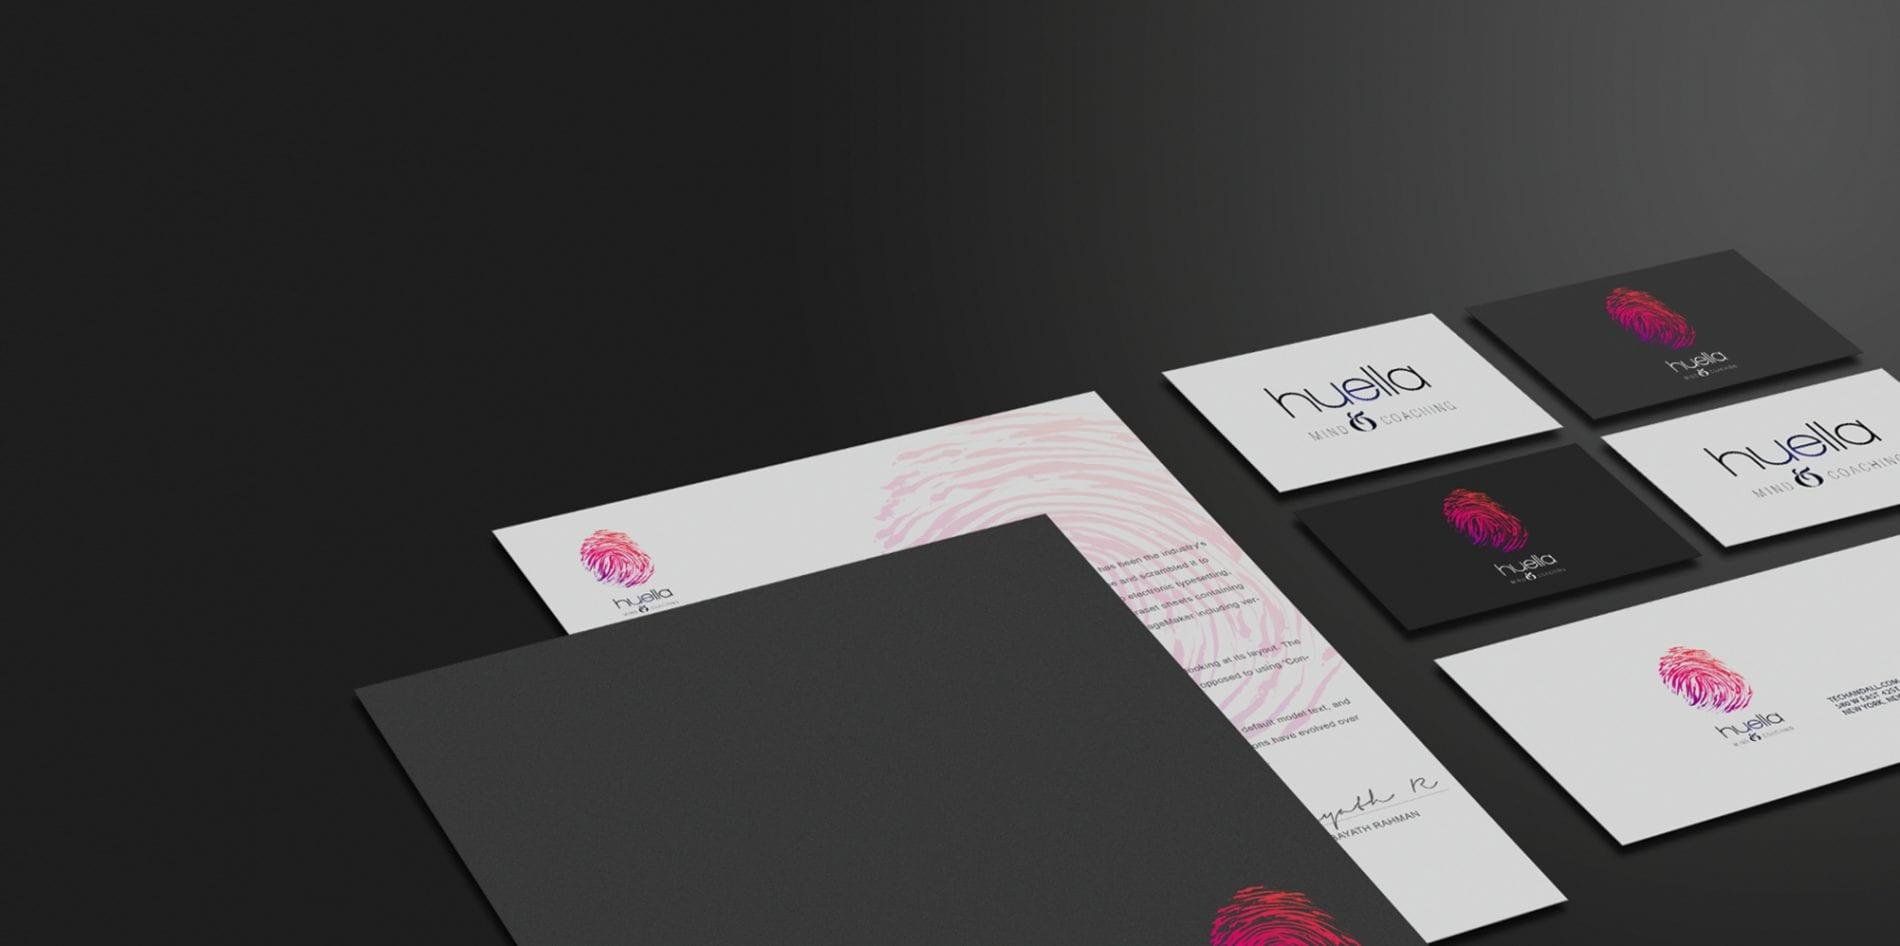 Huella Coaching, diseño de logotipo y papelería corporativa para empresa de coaching